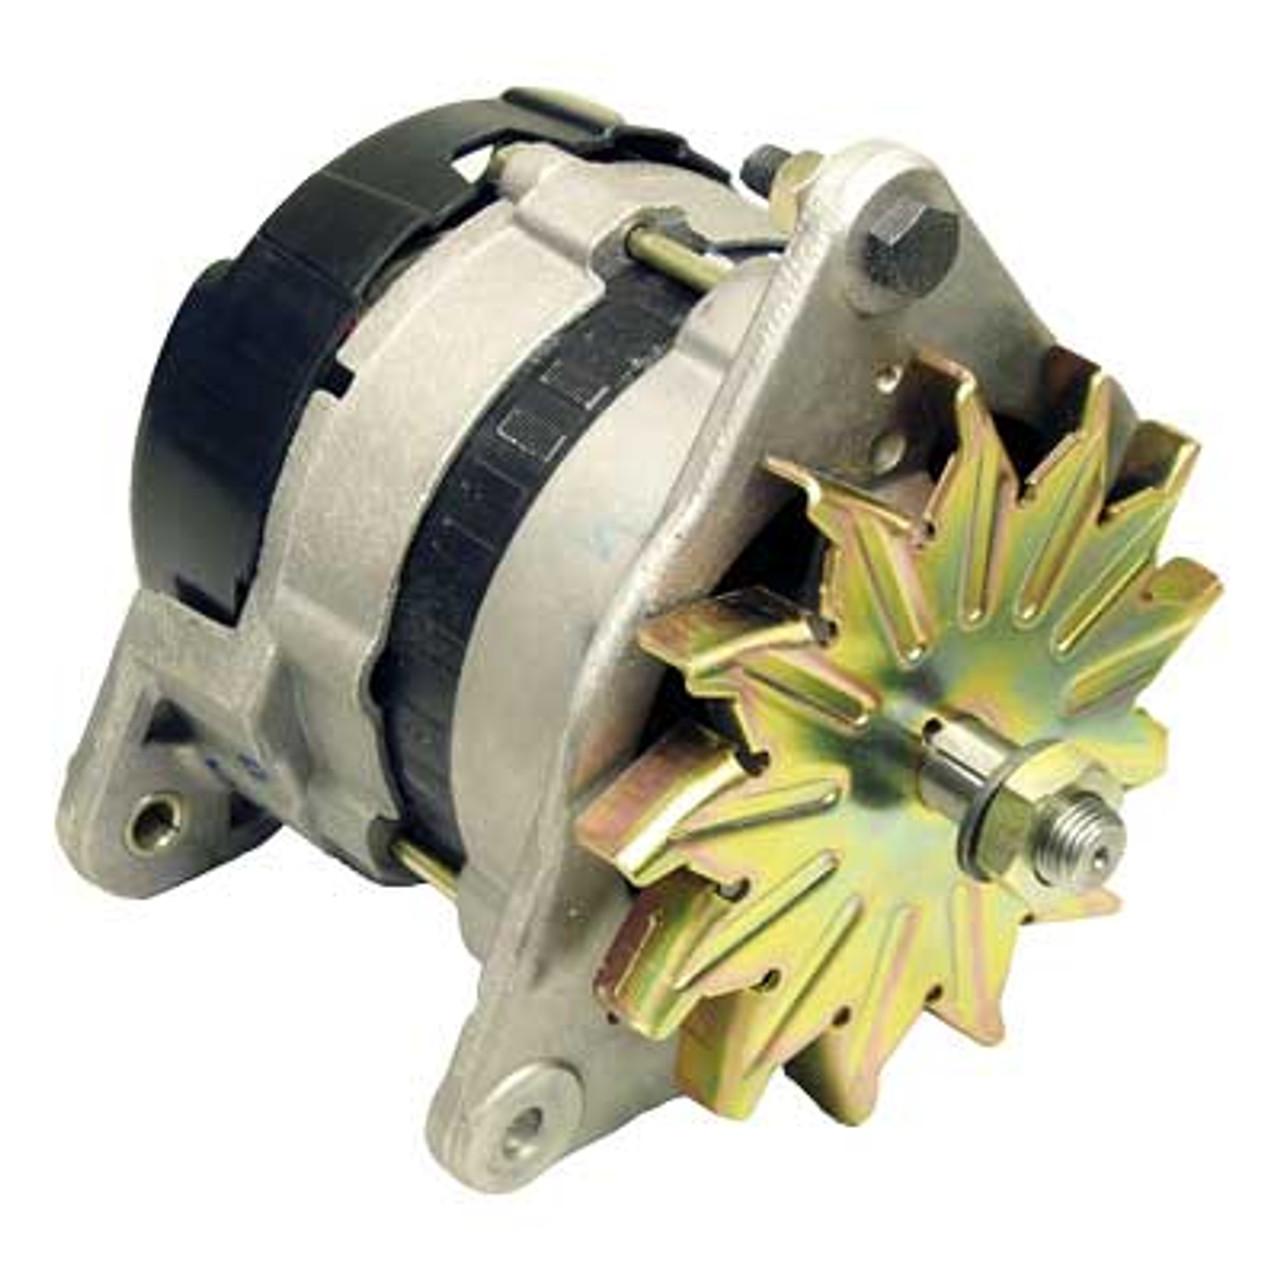 Perkins 3.152 12V 45 Amp Alternator from parts4engines.com